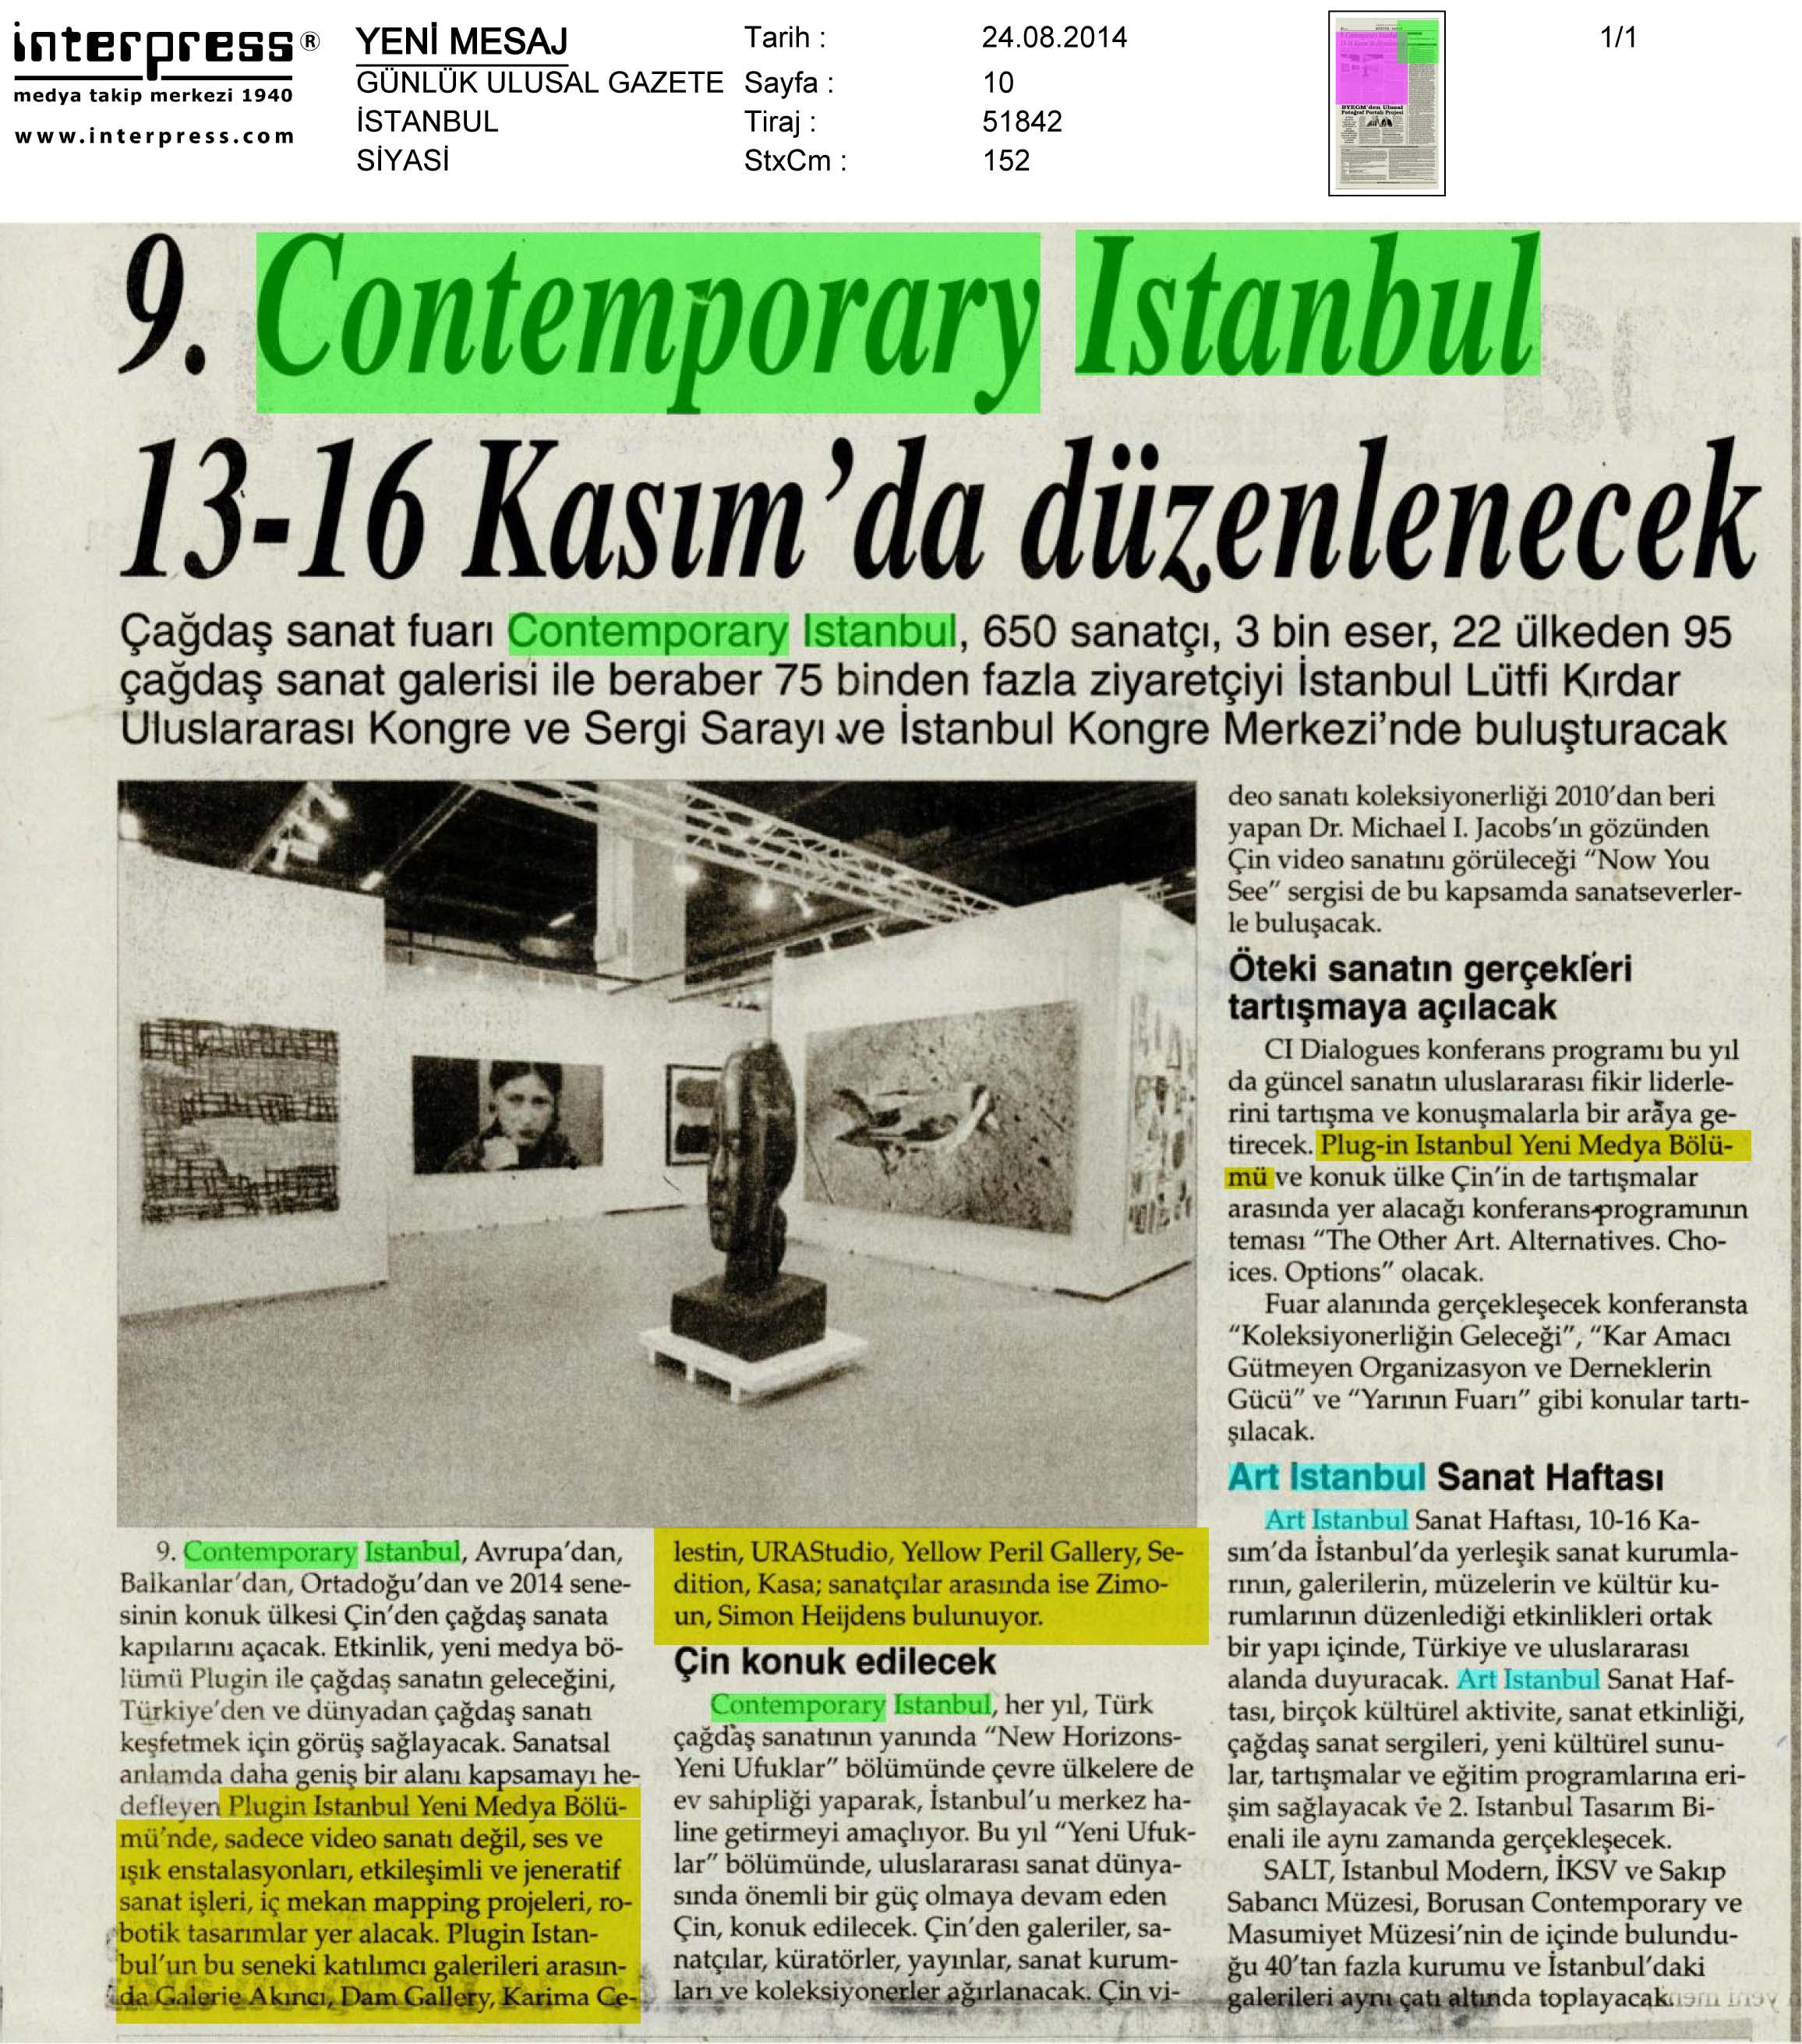 Yeni Mesaj - Günlük Ulusal Gazete 24.08.jpg